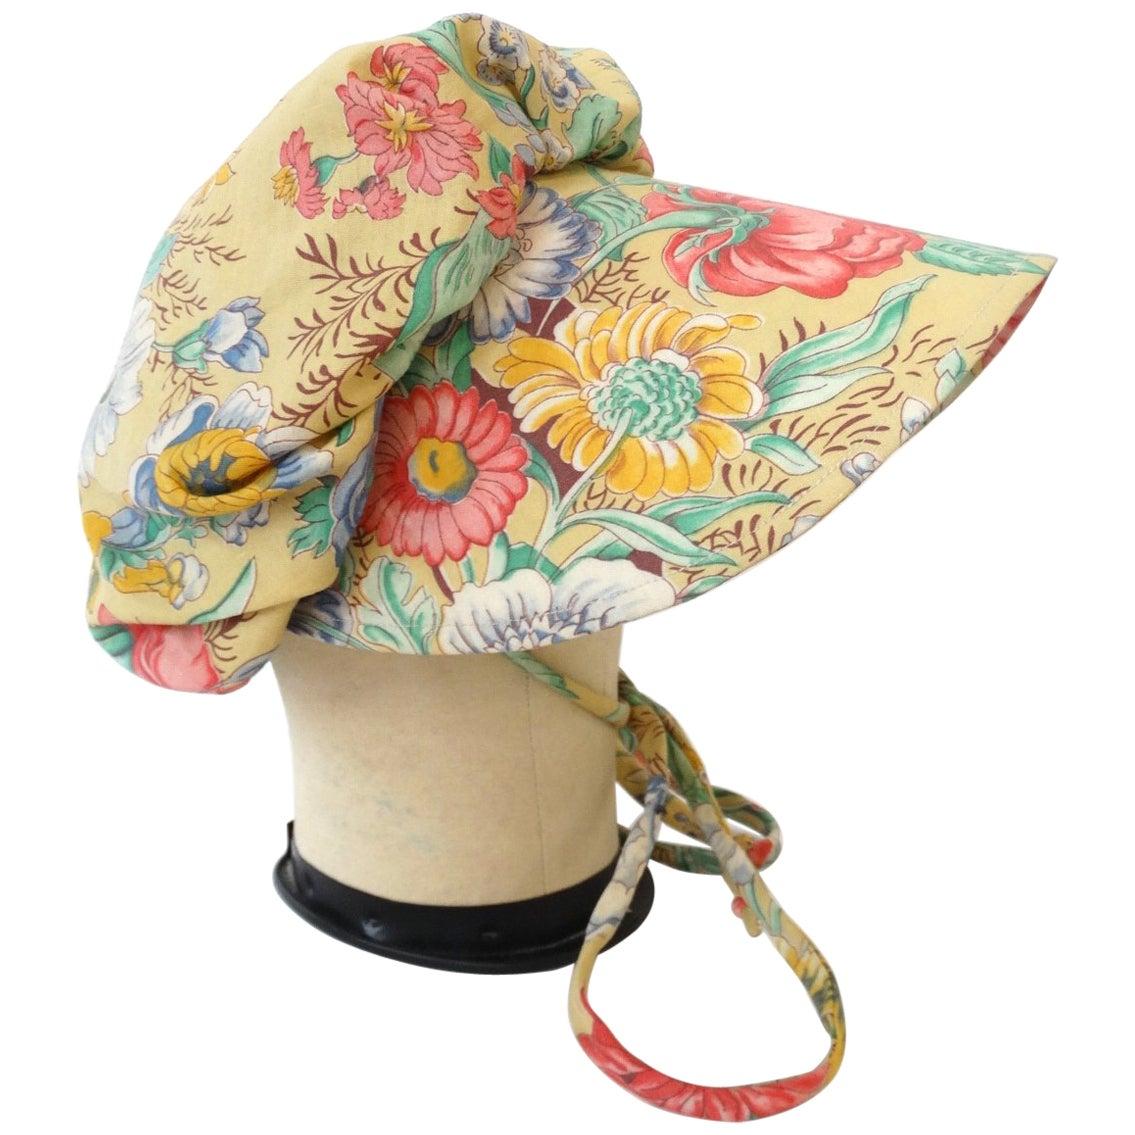 Frank Olive 1960s Floral Motif Bonnet